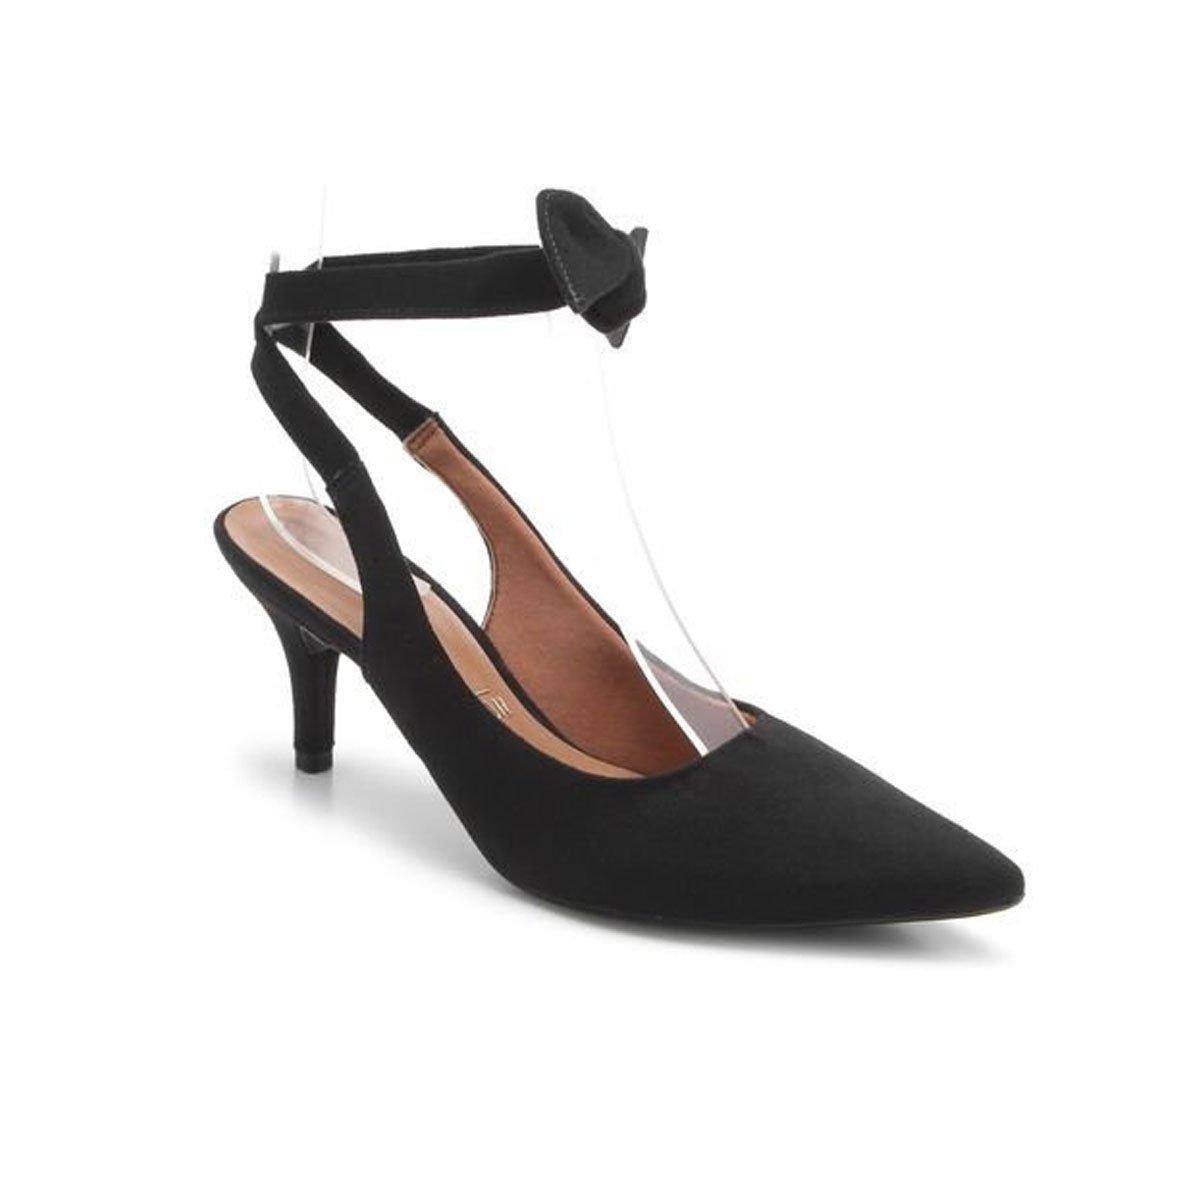 963624ec67 Scarpin Chanel Vizzano Salto Médio Amarrar no Tornozelo Preto - MM Concept